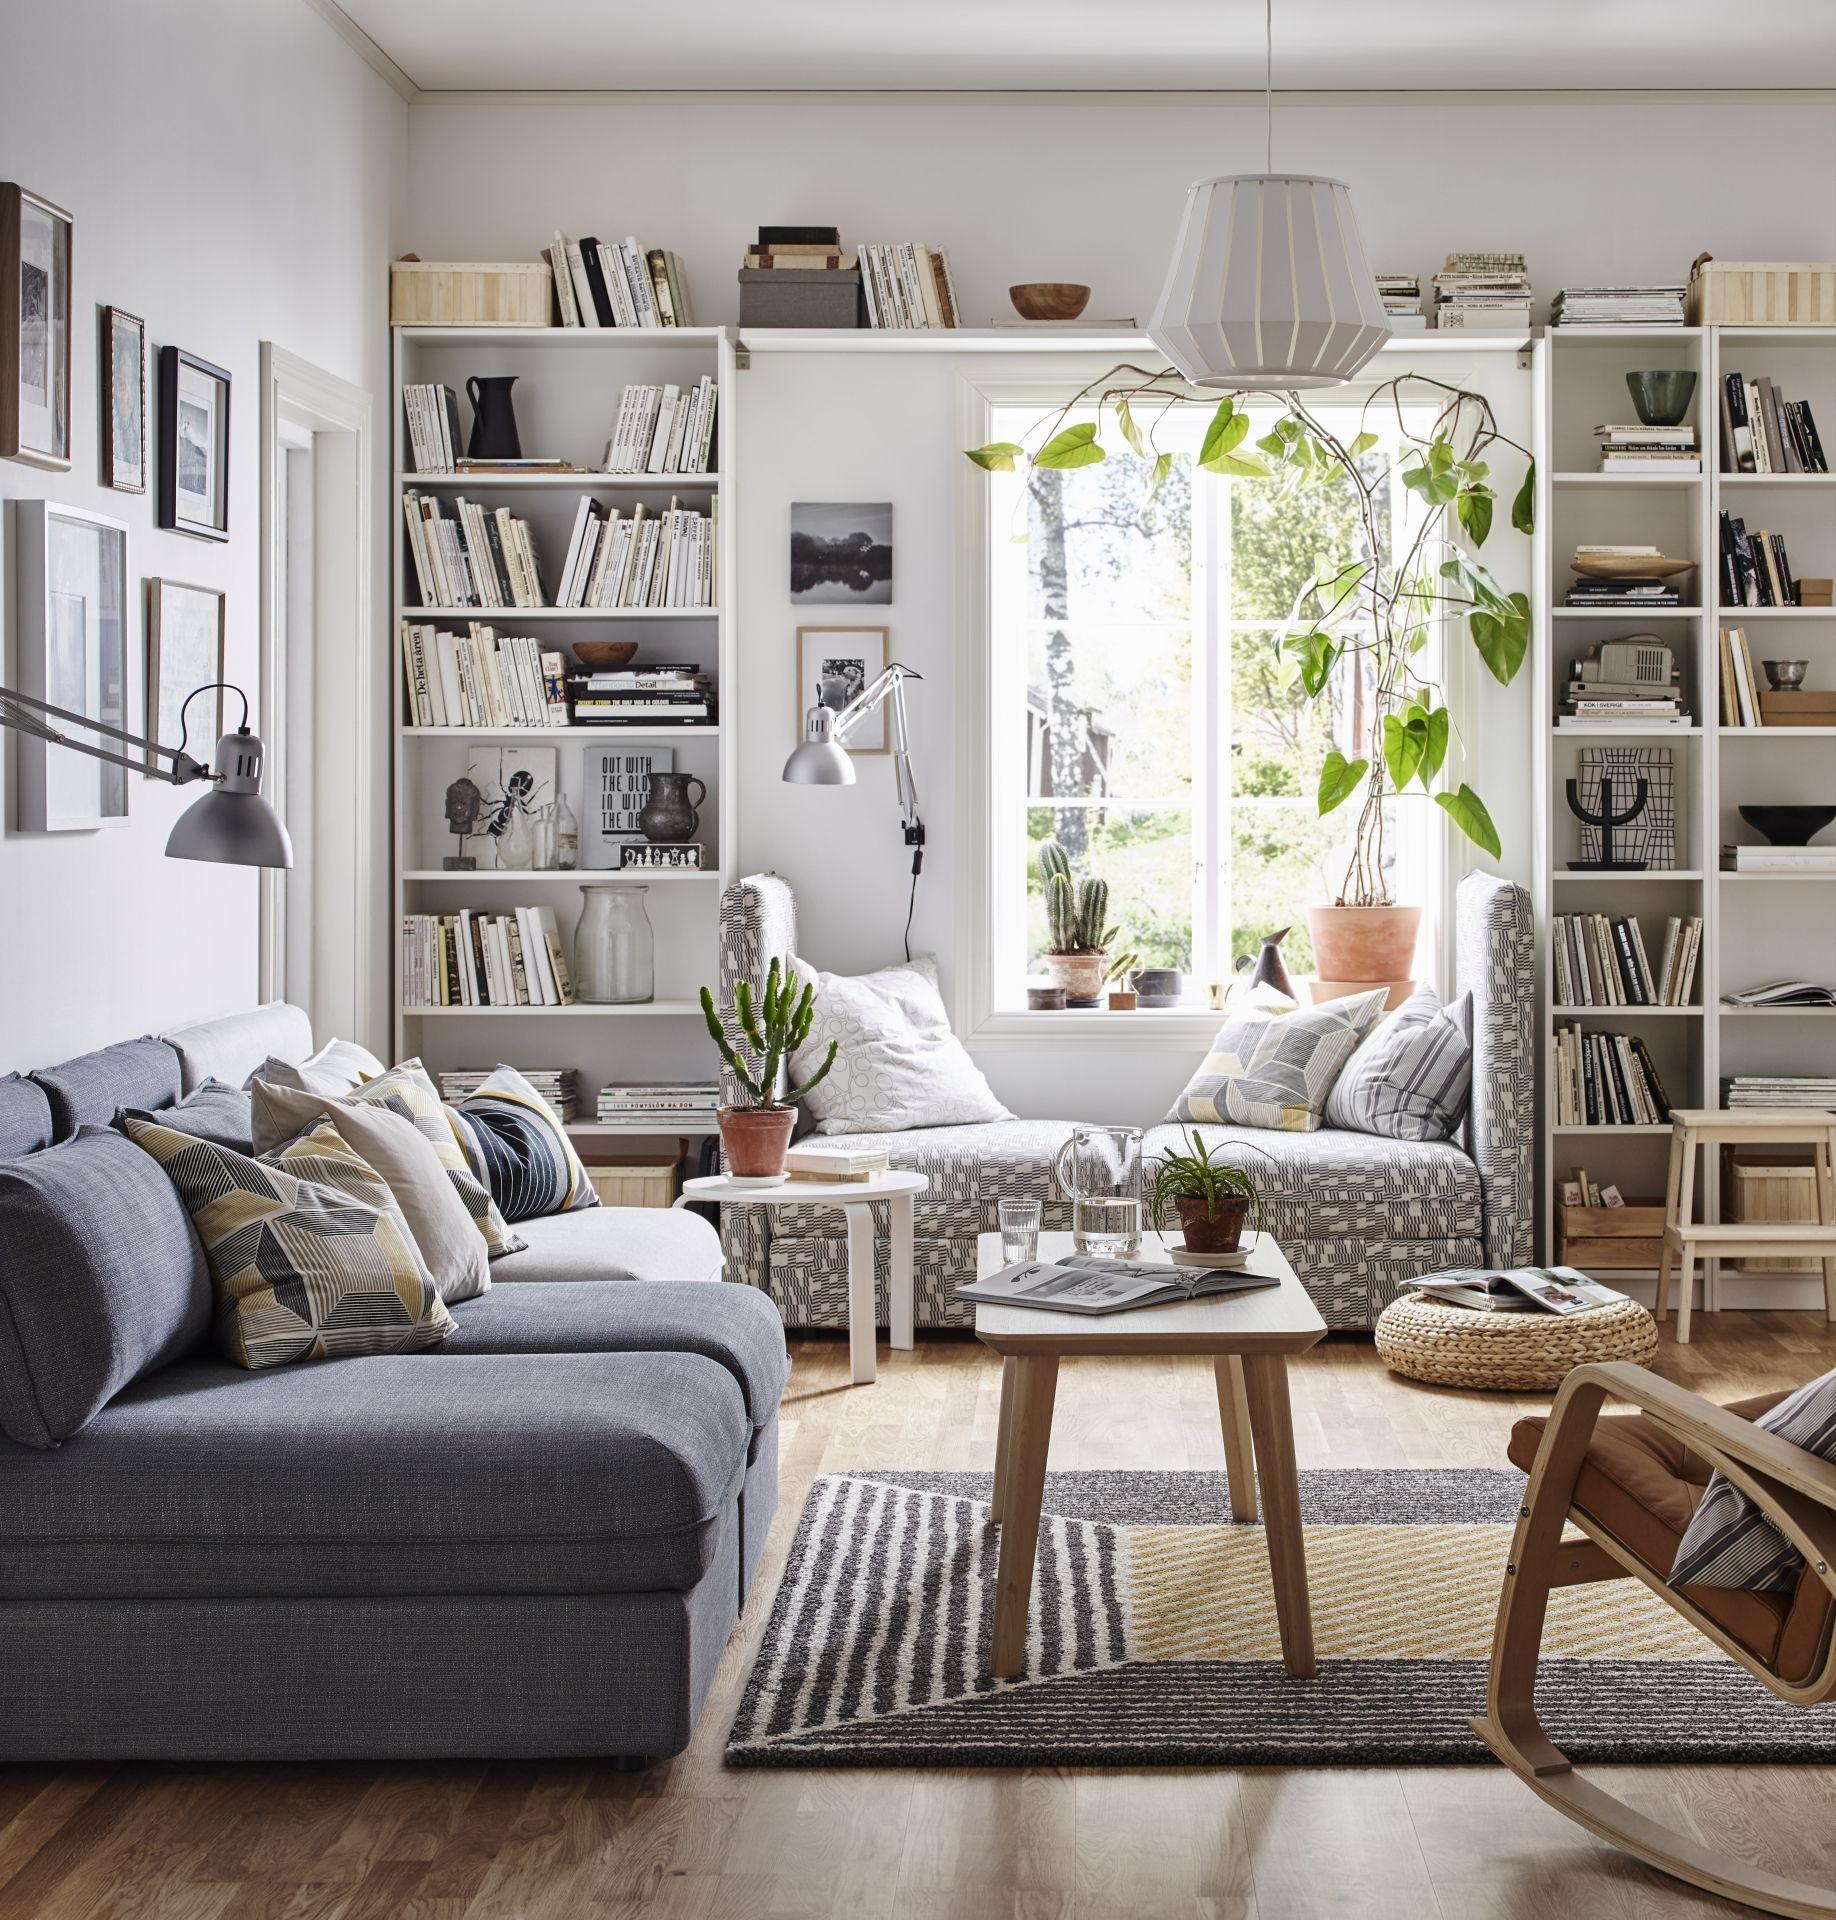 Ikea Furniture Design Ideas Interior Arredamento D Interni